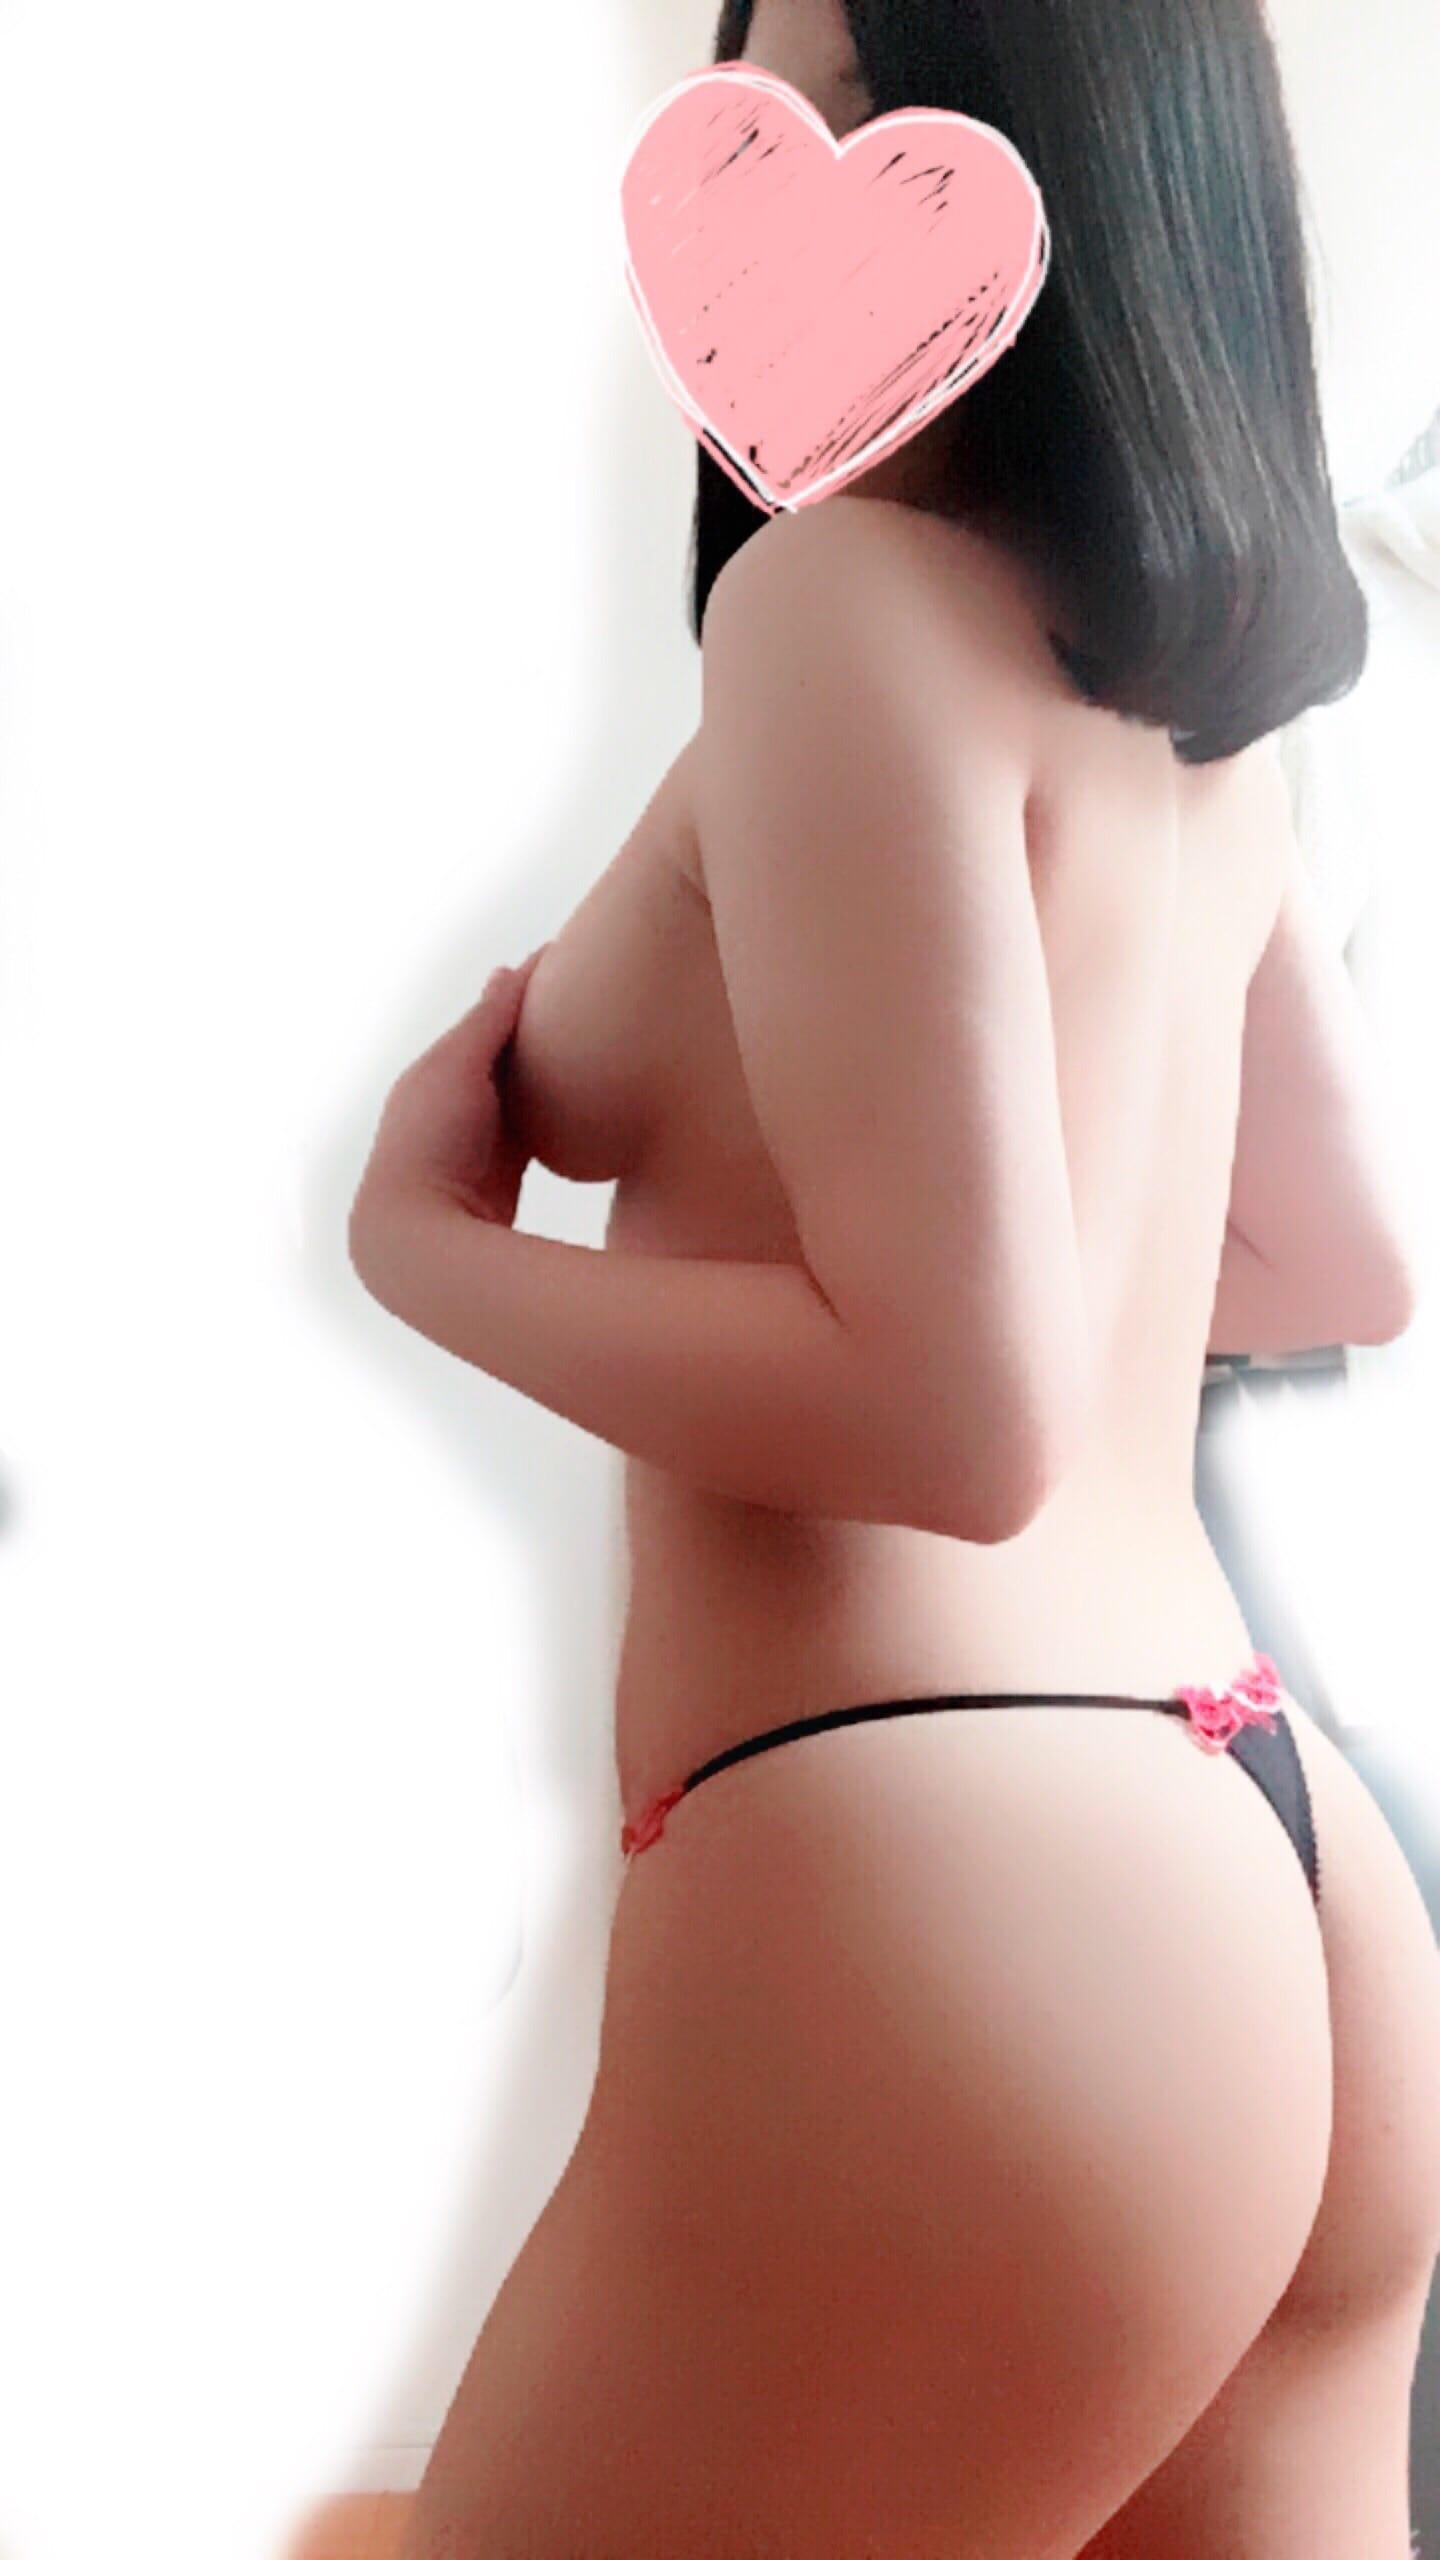 「美尻♡」02/20(火) 13:17   ゆうの写メ・風俗動画